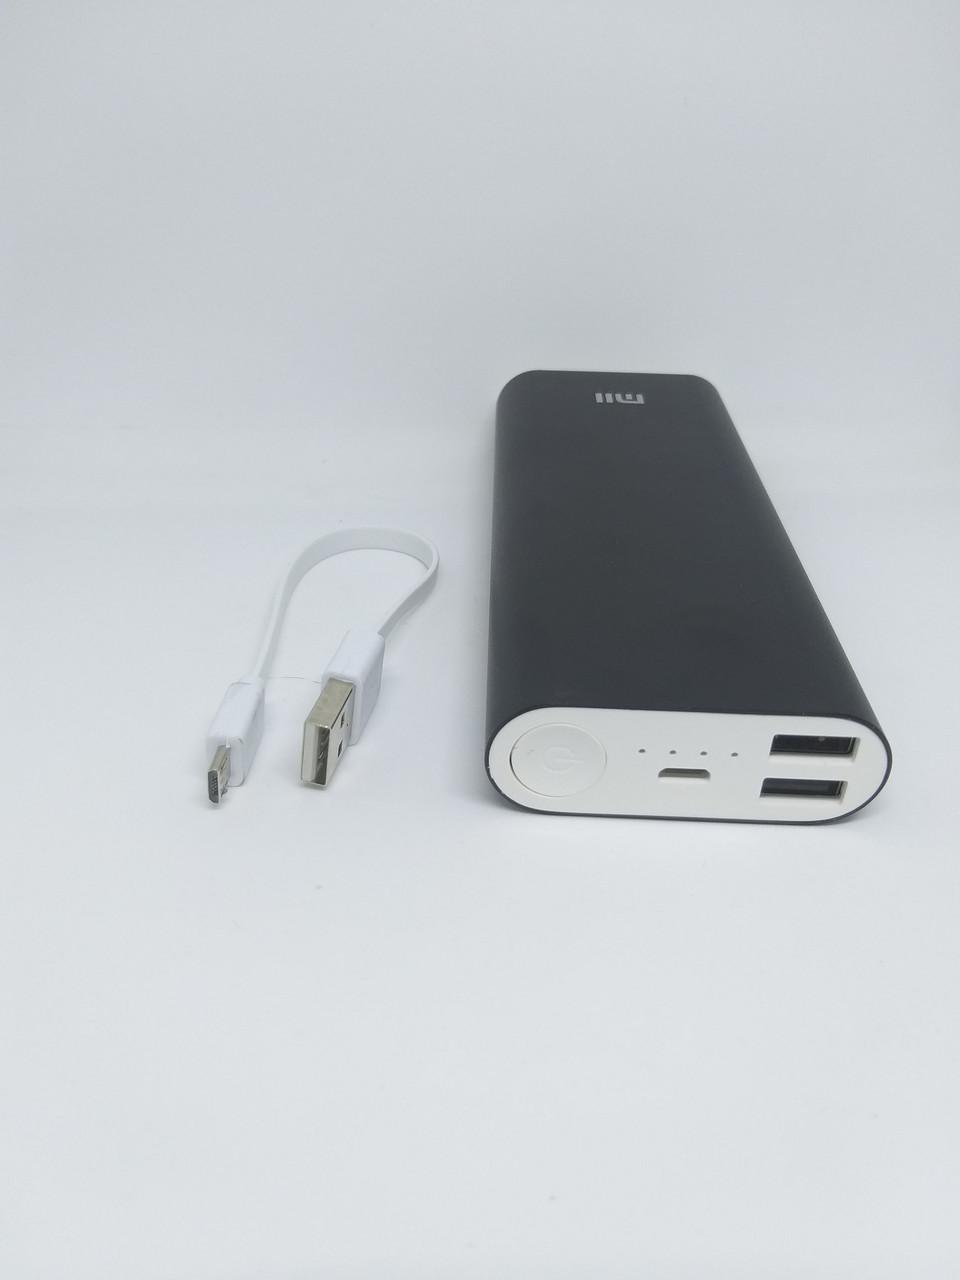 Xiaomi MI 16000 Реплика (6000mA Реальная емкость аккумуляторов)